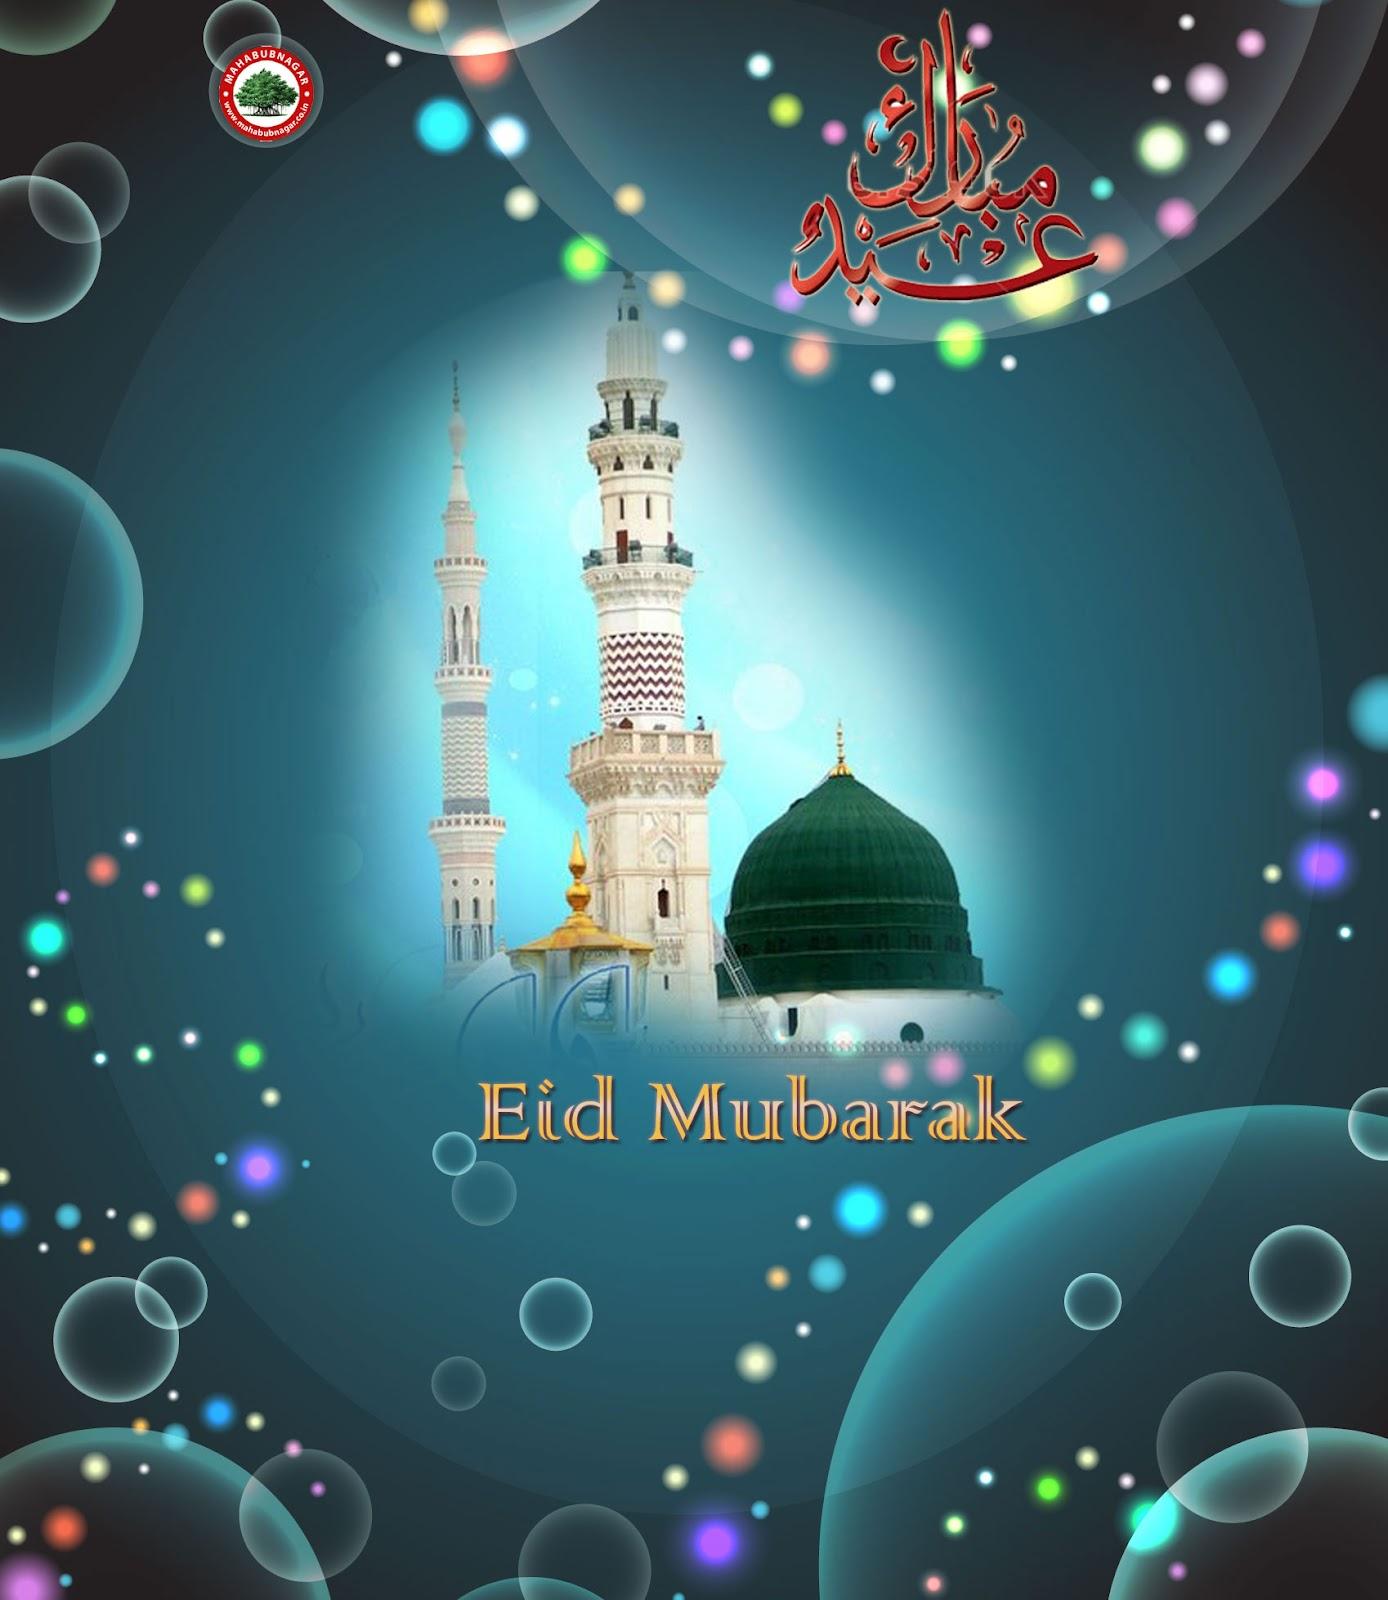 Eidmubarak2012.jpg